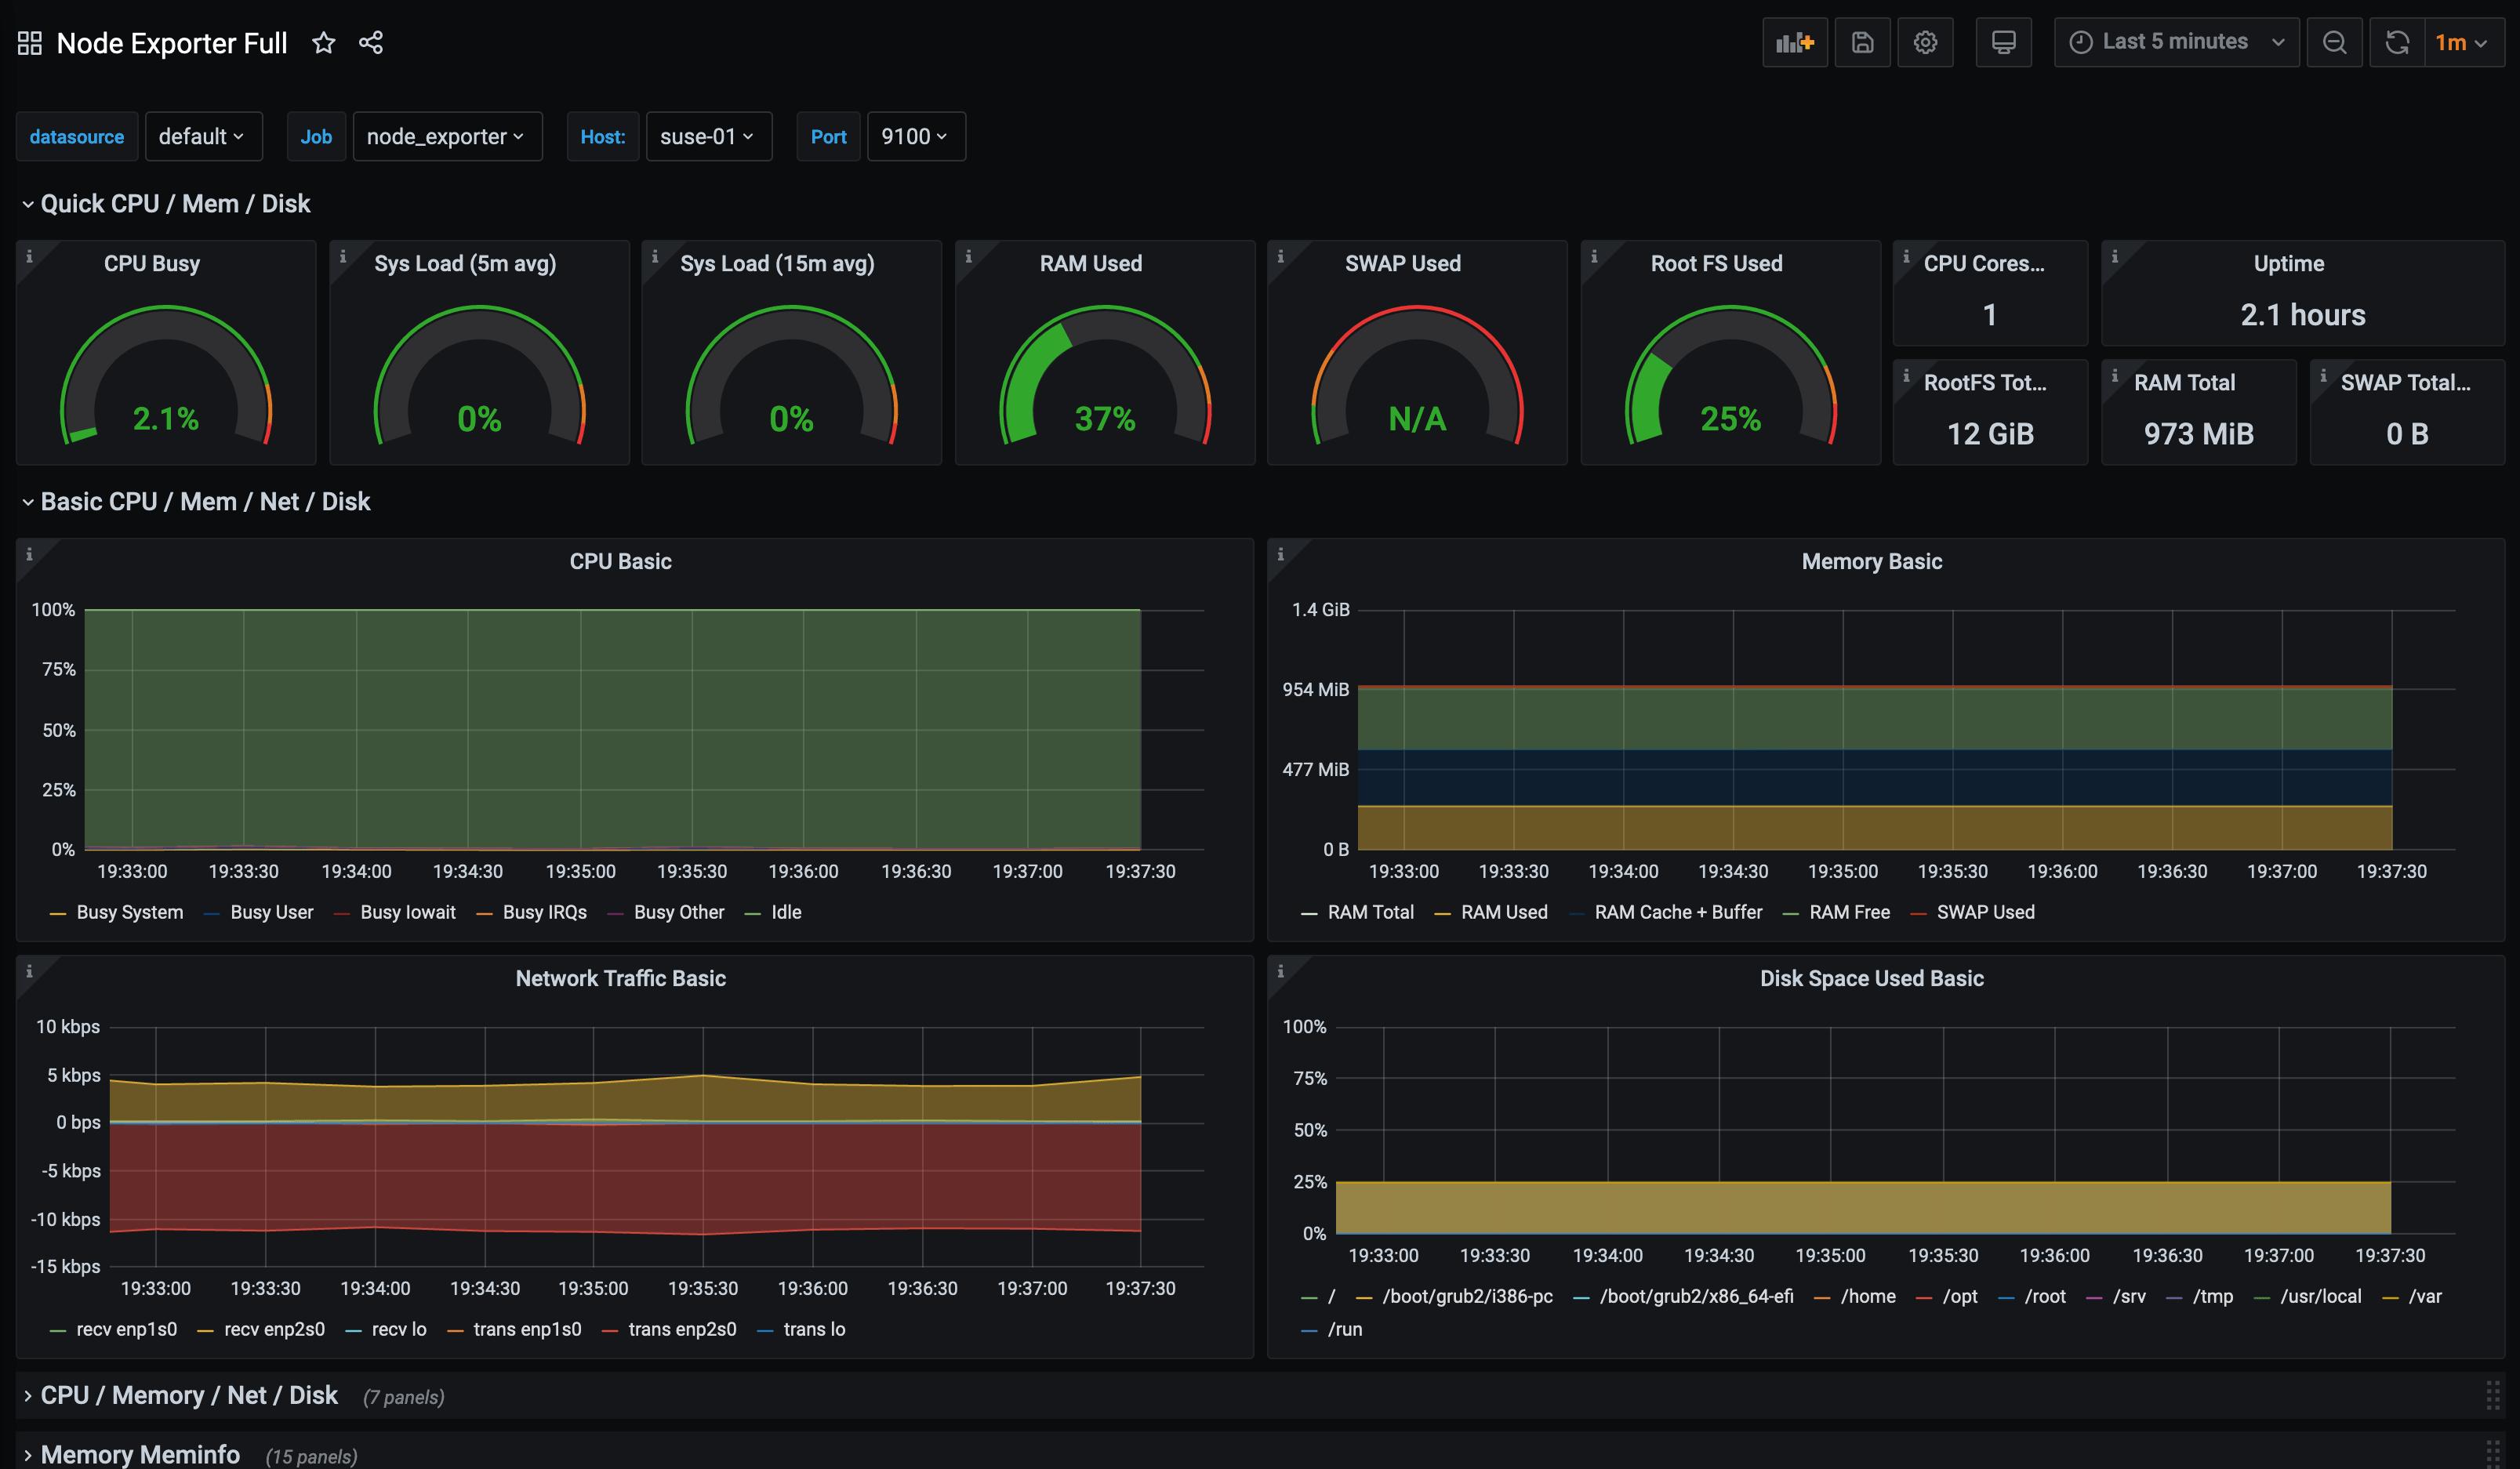 OpenSUSE Node Exporter Dashboard